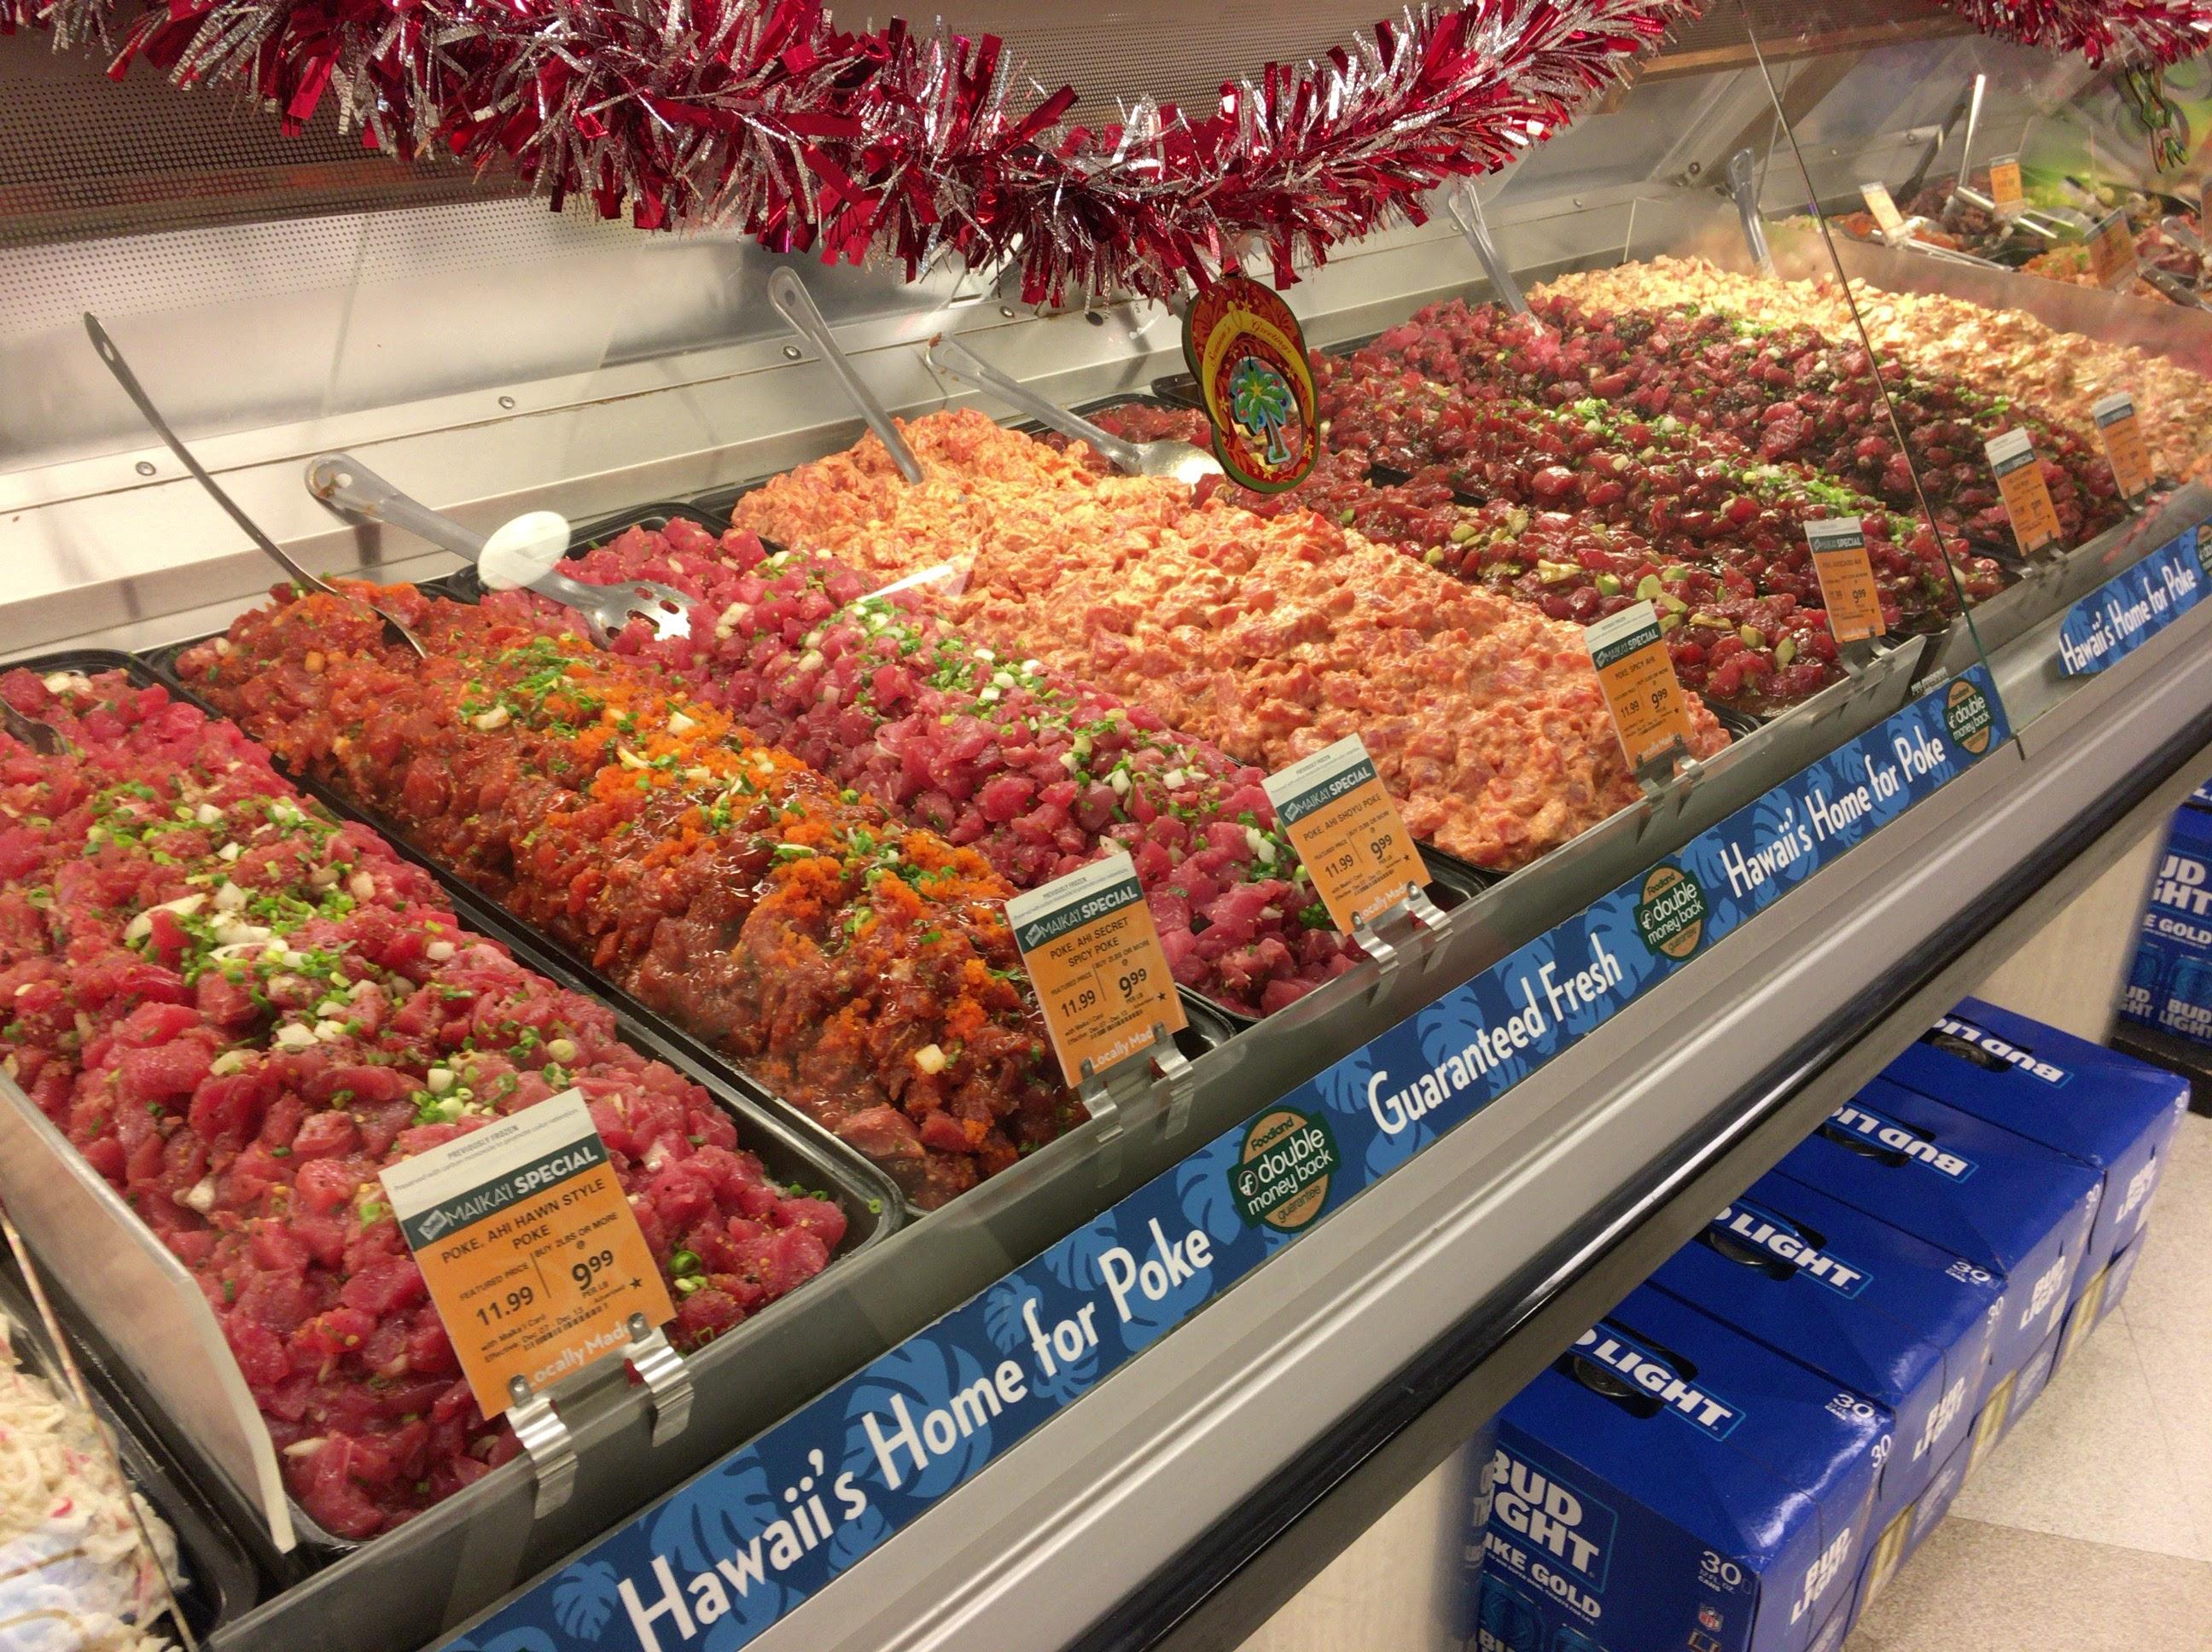 フードランド(Foodland)、実はアヒポキが美味なハワイのスーパーマーケット、試しにテイクアウトして食してみました!